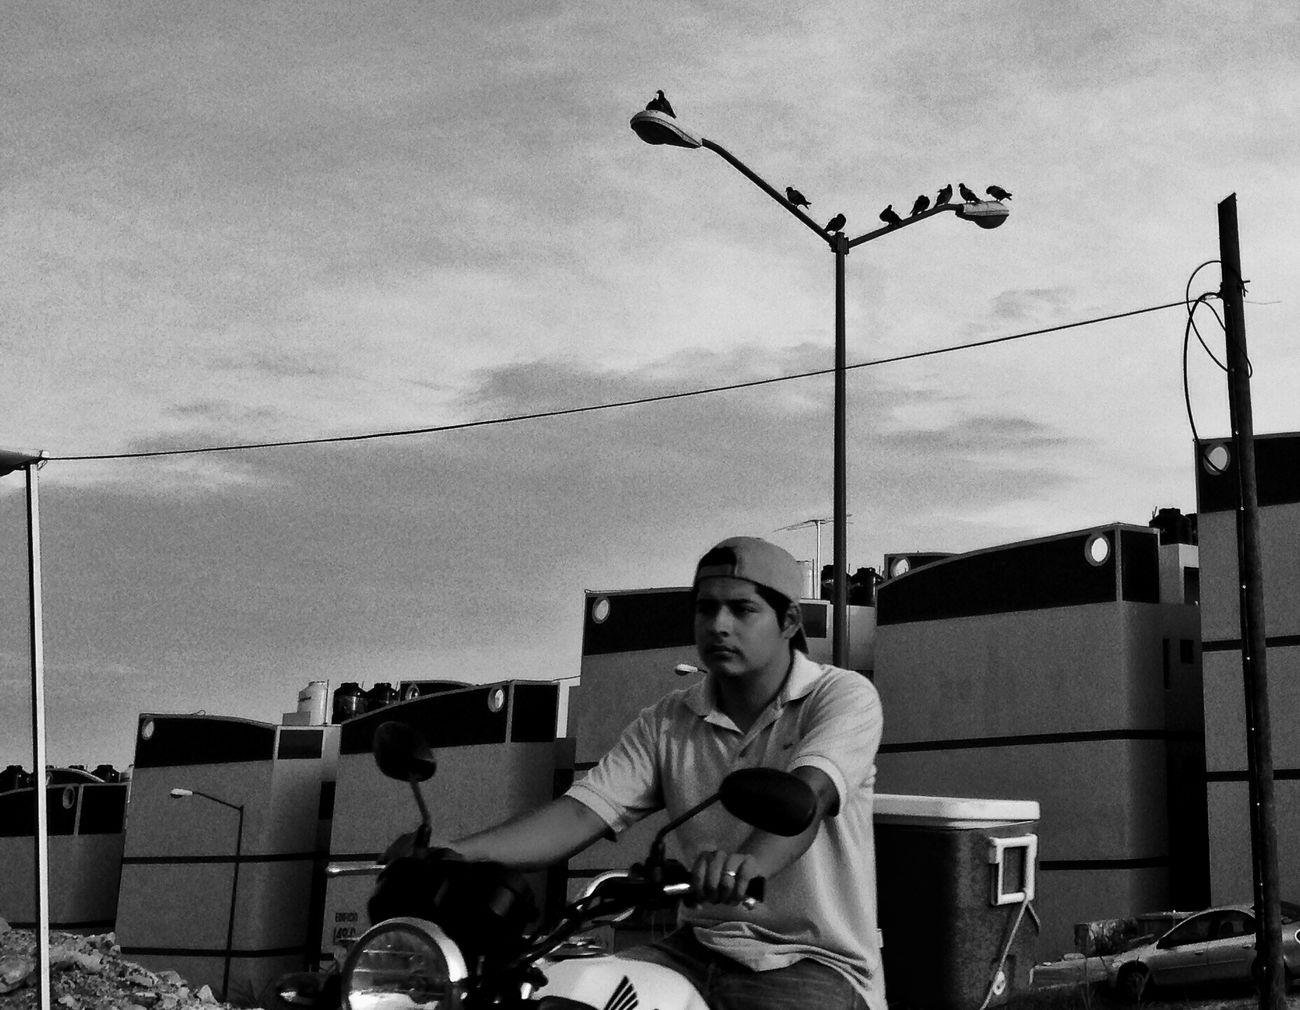 El faro de los pájaros... Streetphotography IPhoneography Urban@ndante Monochrome Blackandwhite